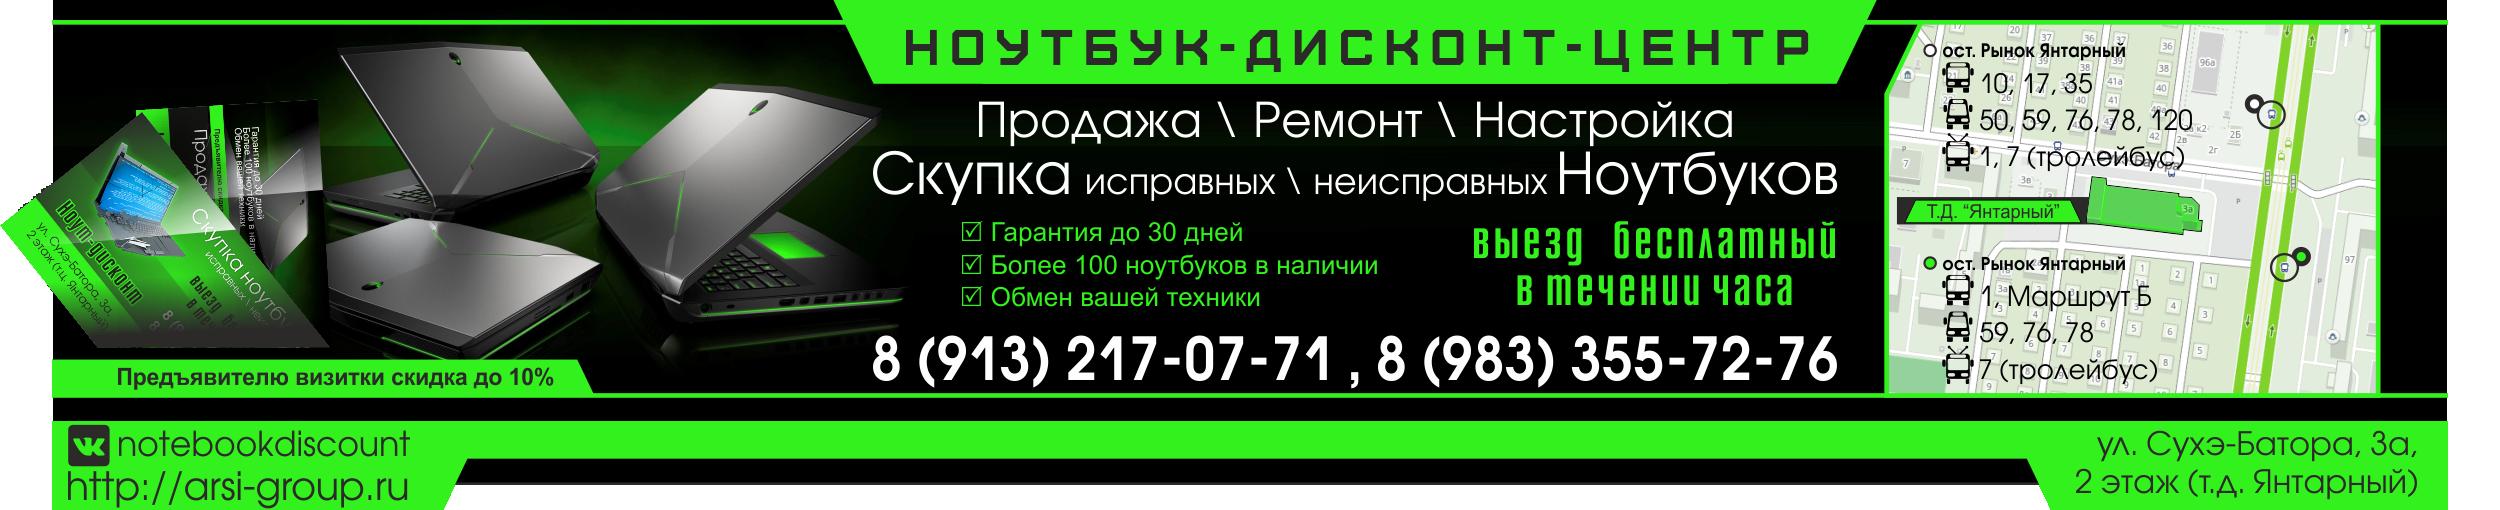 банк ренессанс кредит в одинцово адреса